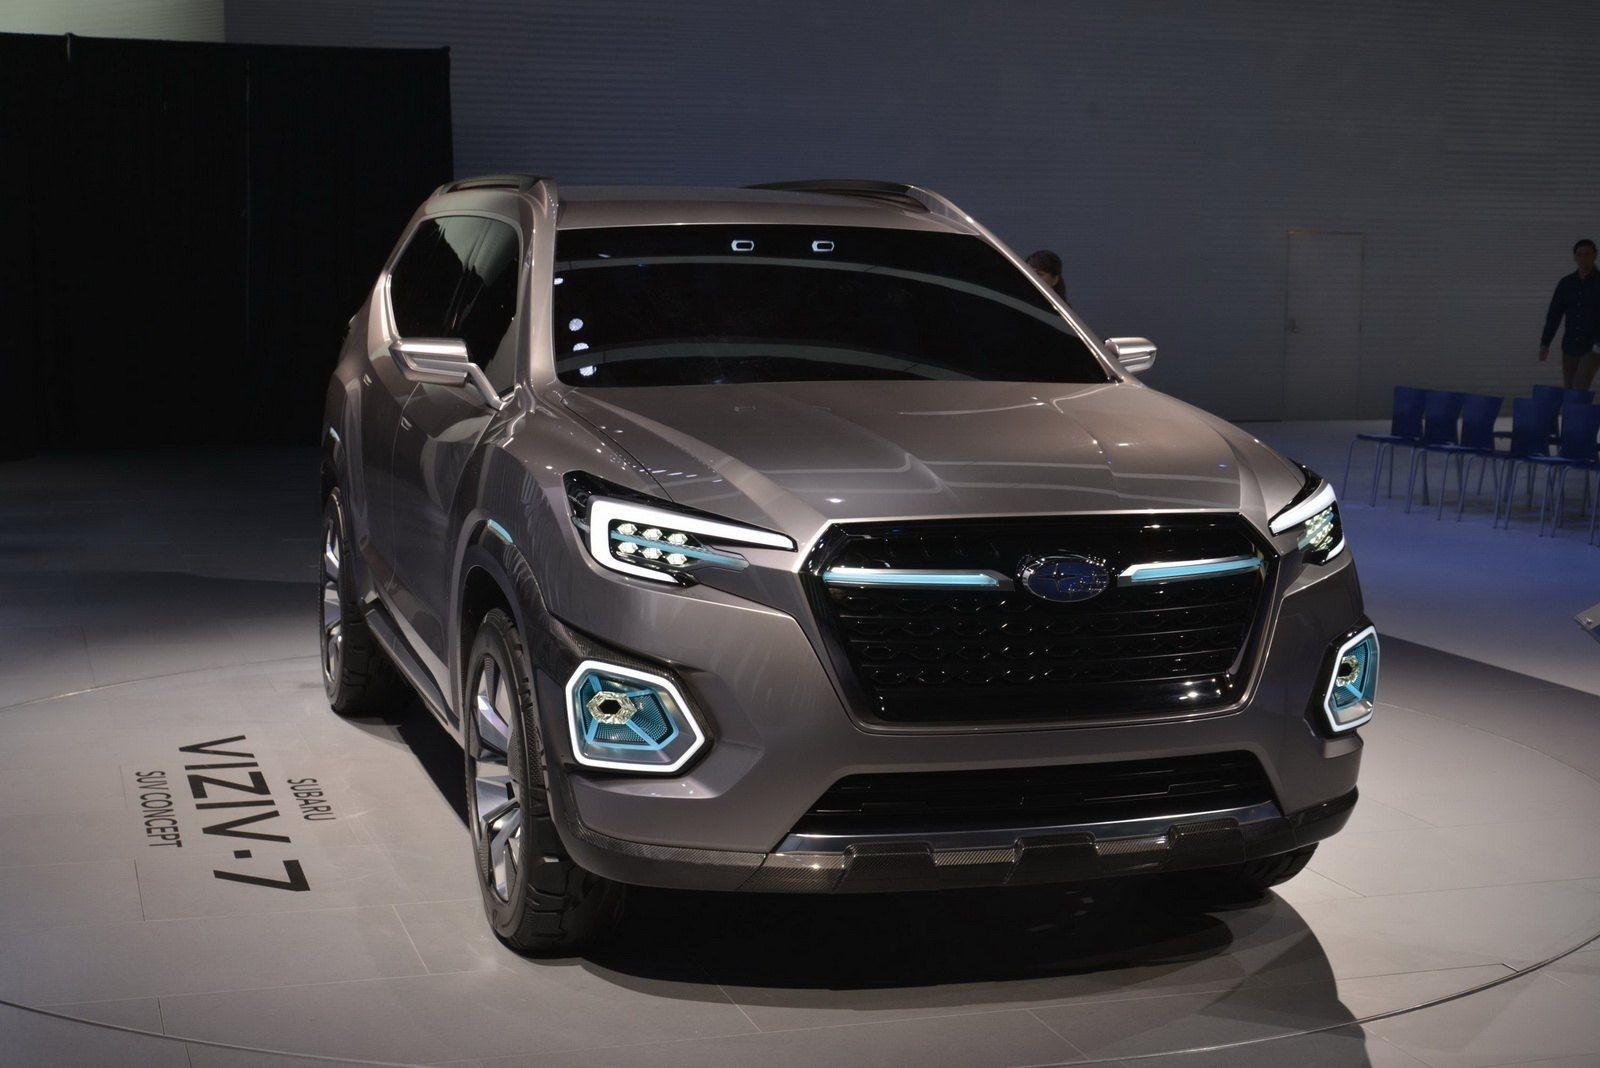 The Best 2020 Subaru Truck Picture Subaru Subaru Baja Subaru Cars